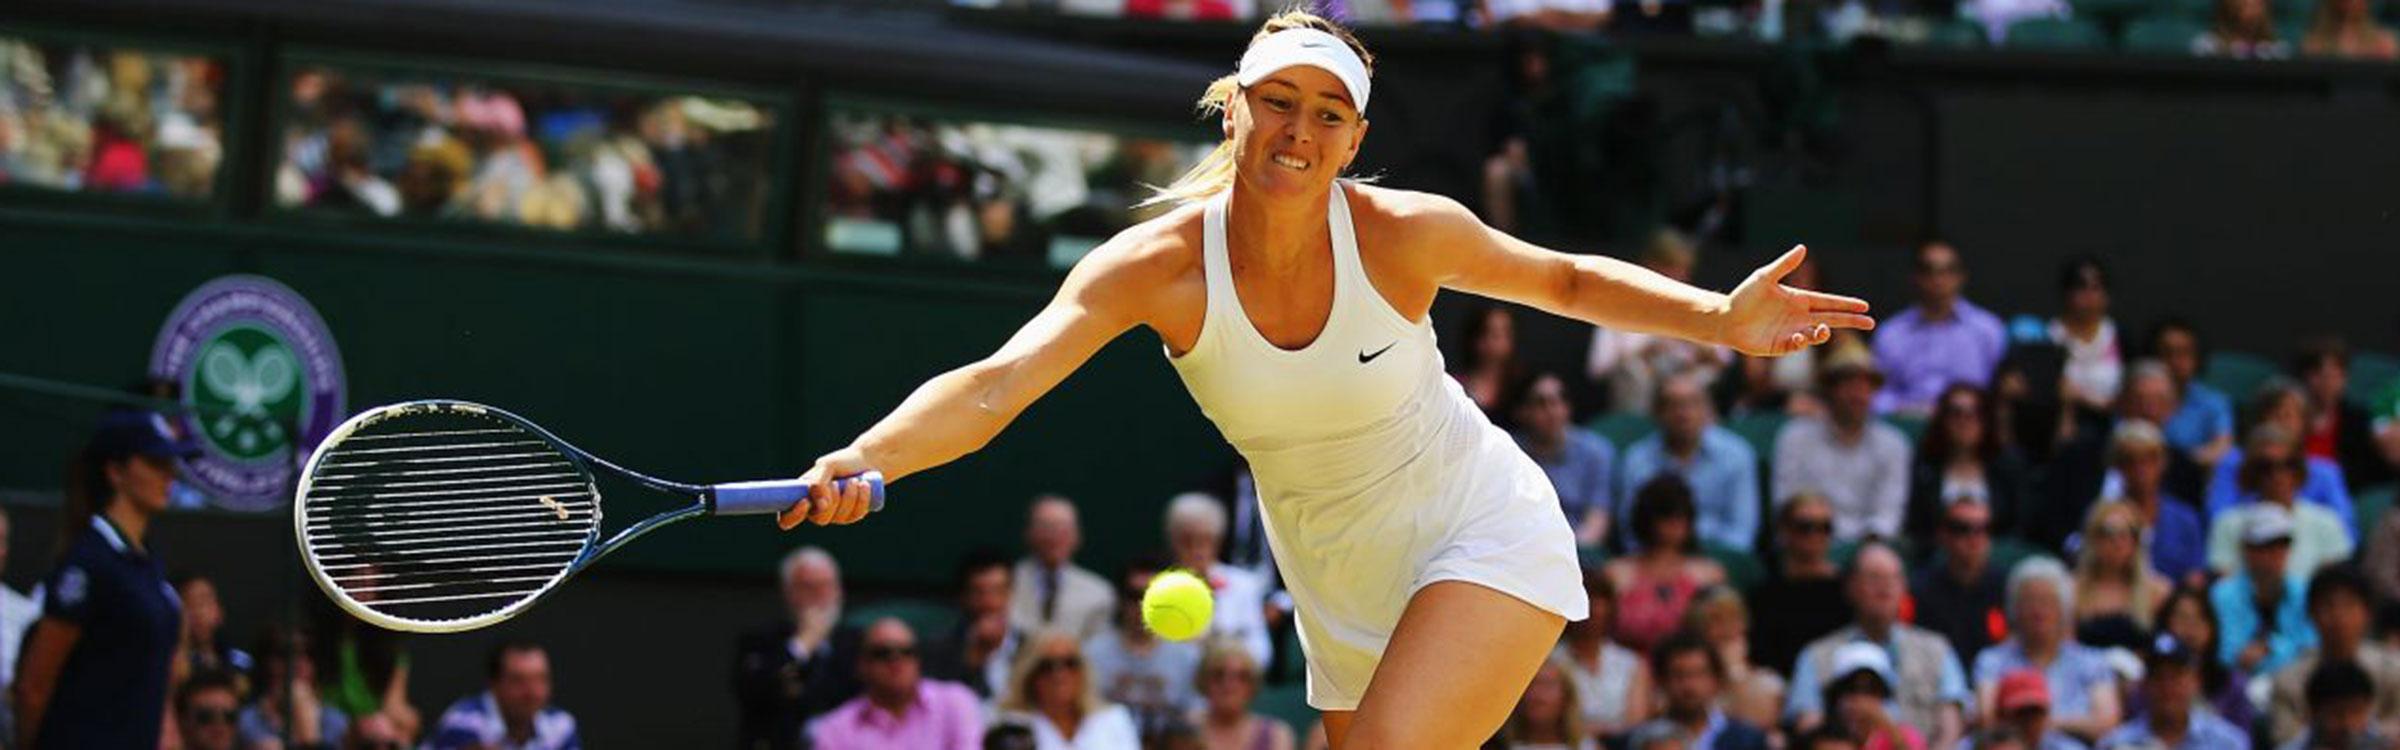 Tennis algemeen